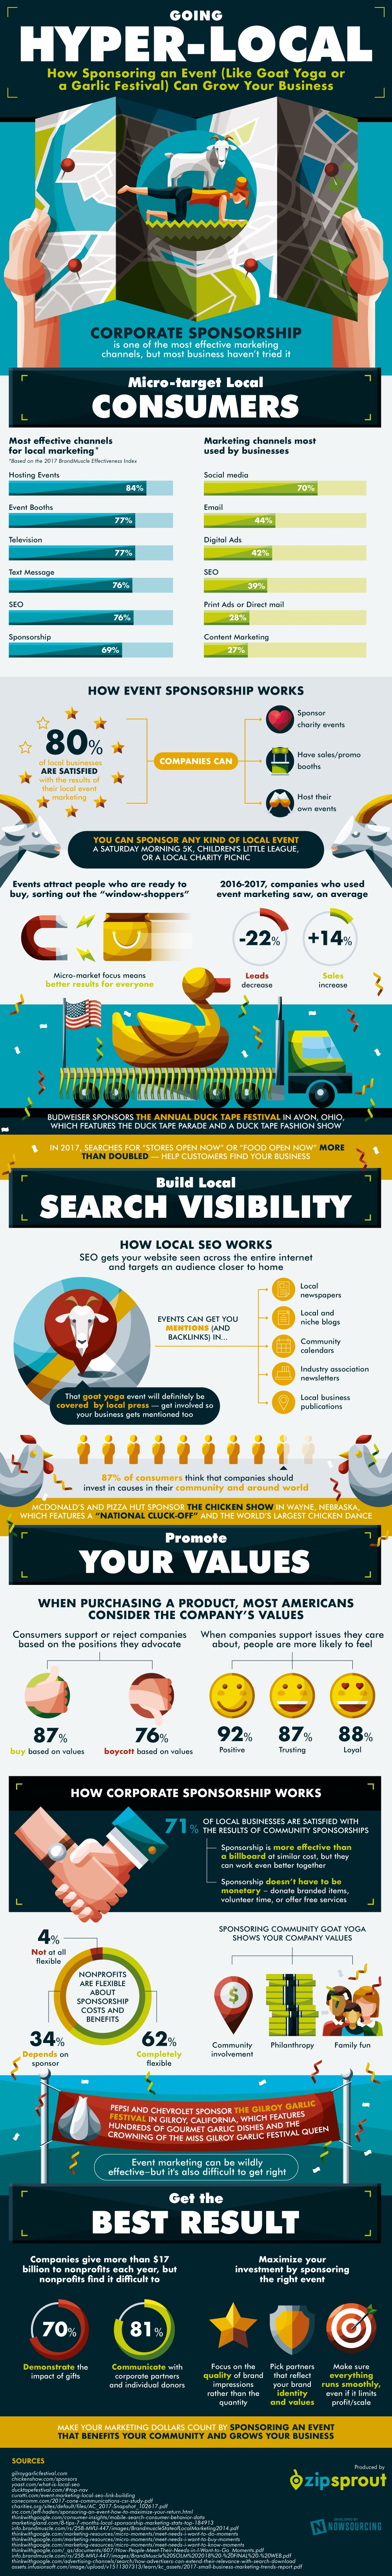 Hyper Local info